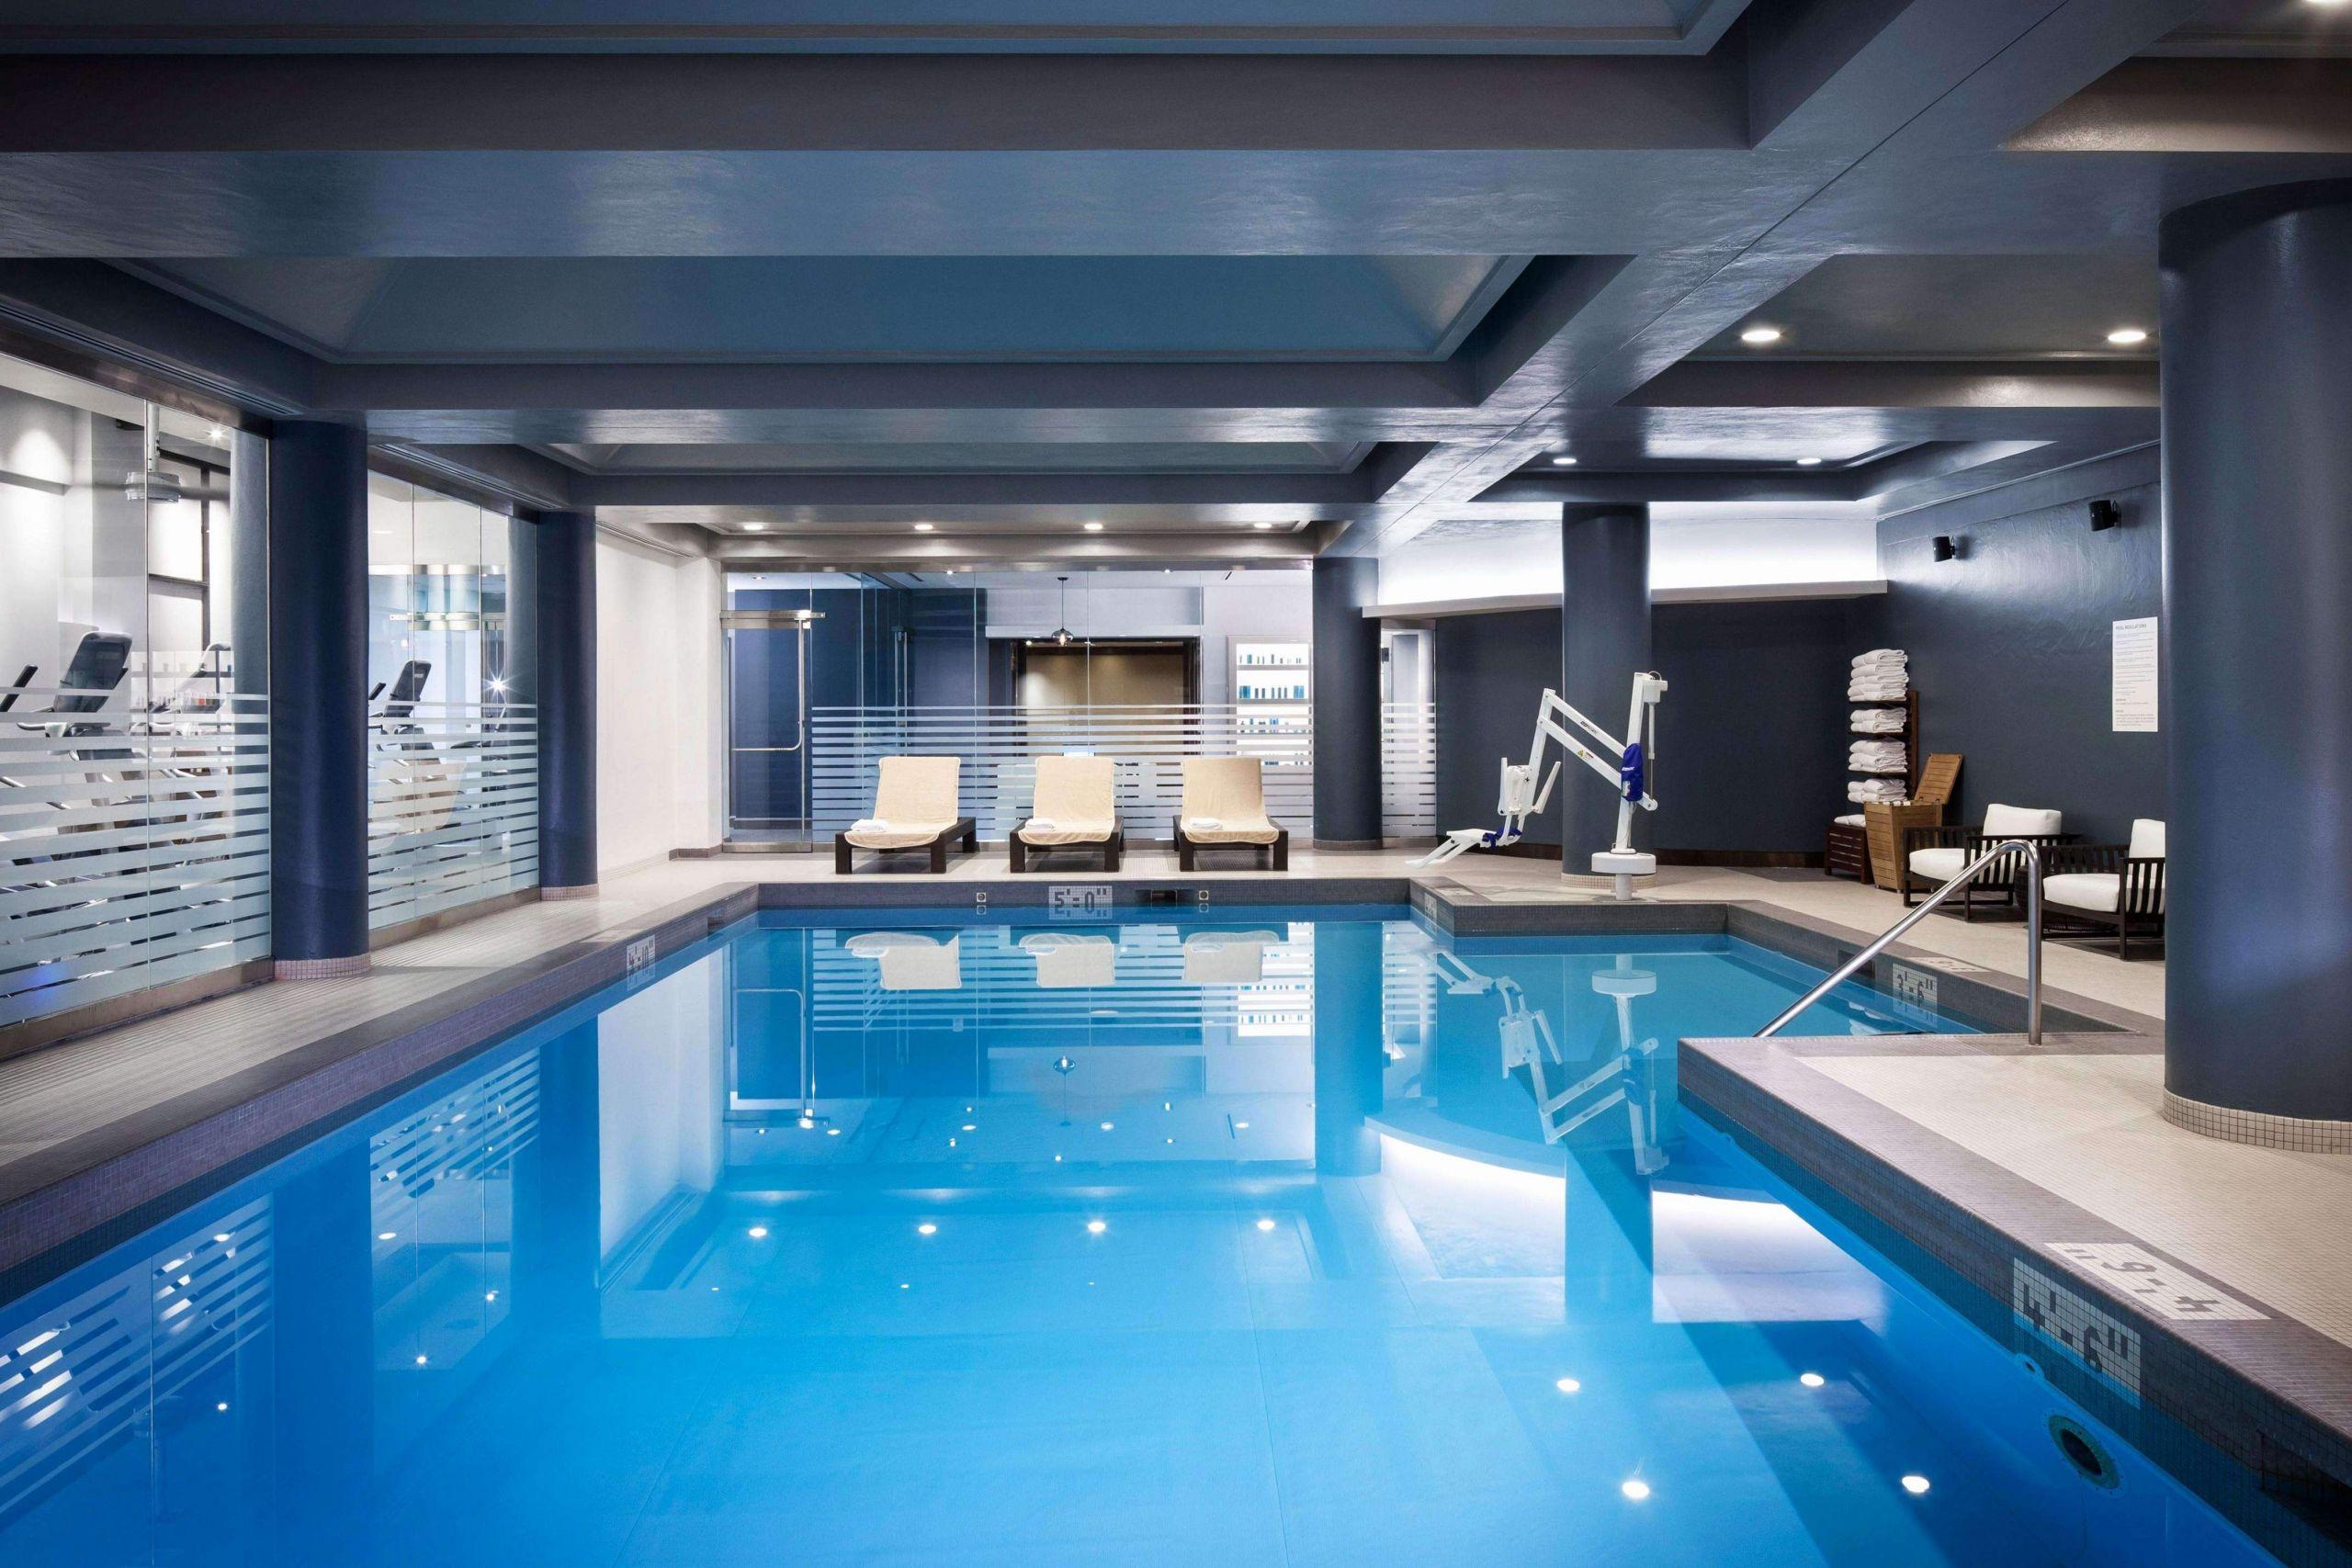 42 elegant pool garten kaufen stock swimming pool leipzig swimming pool leipzig 1